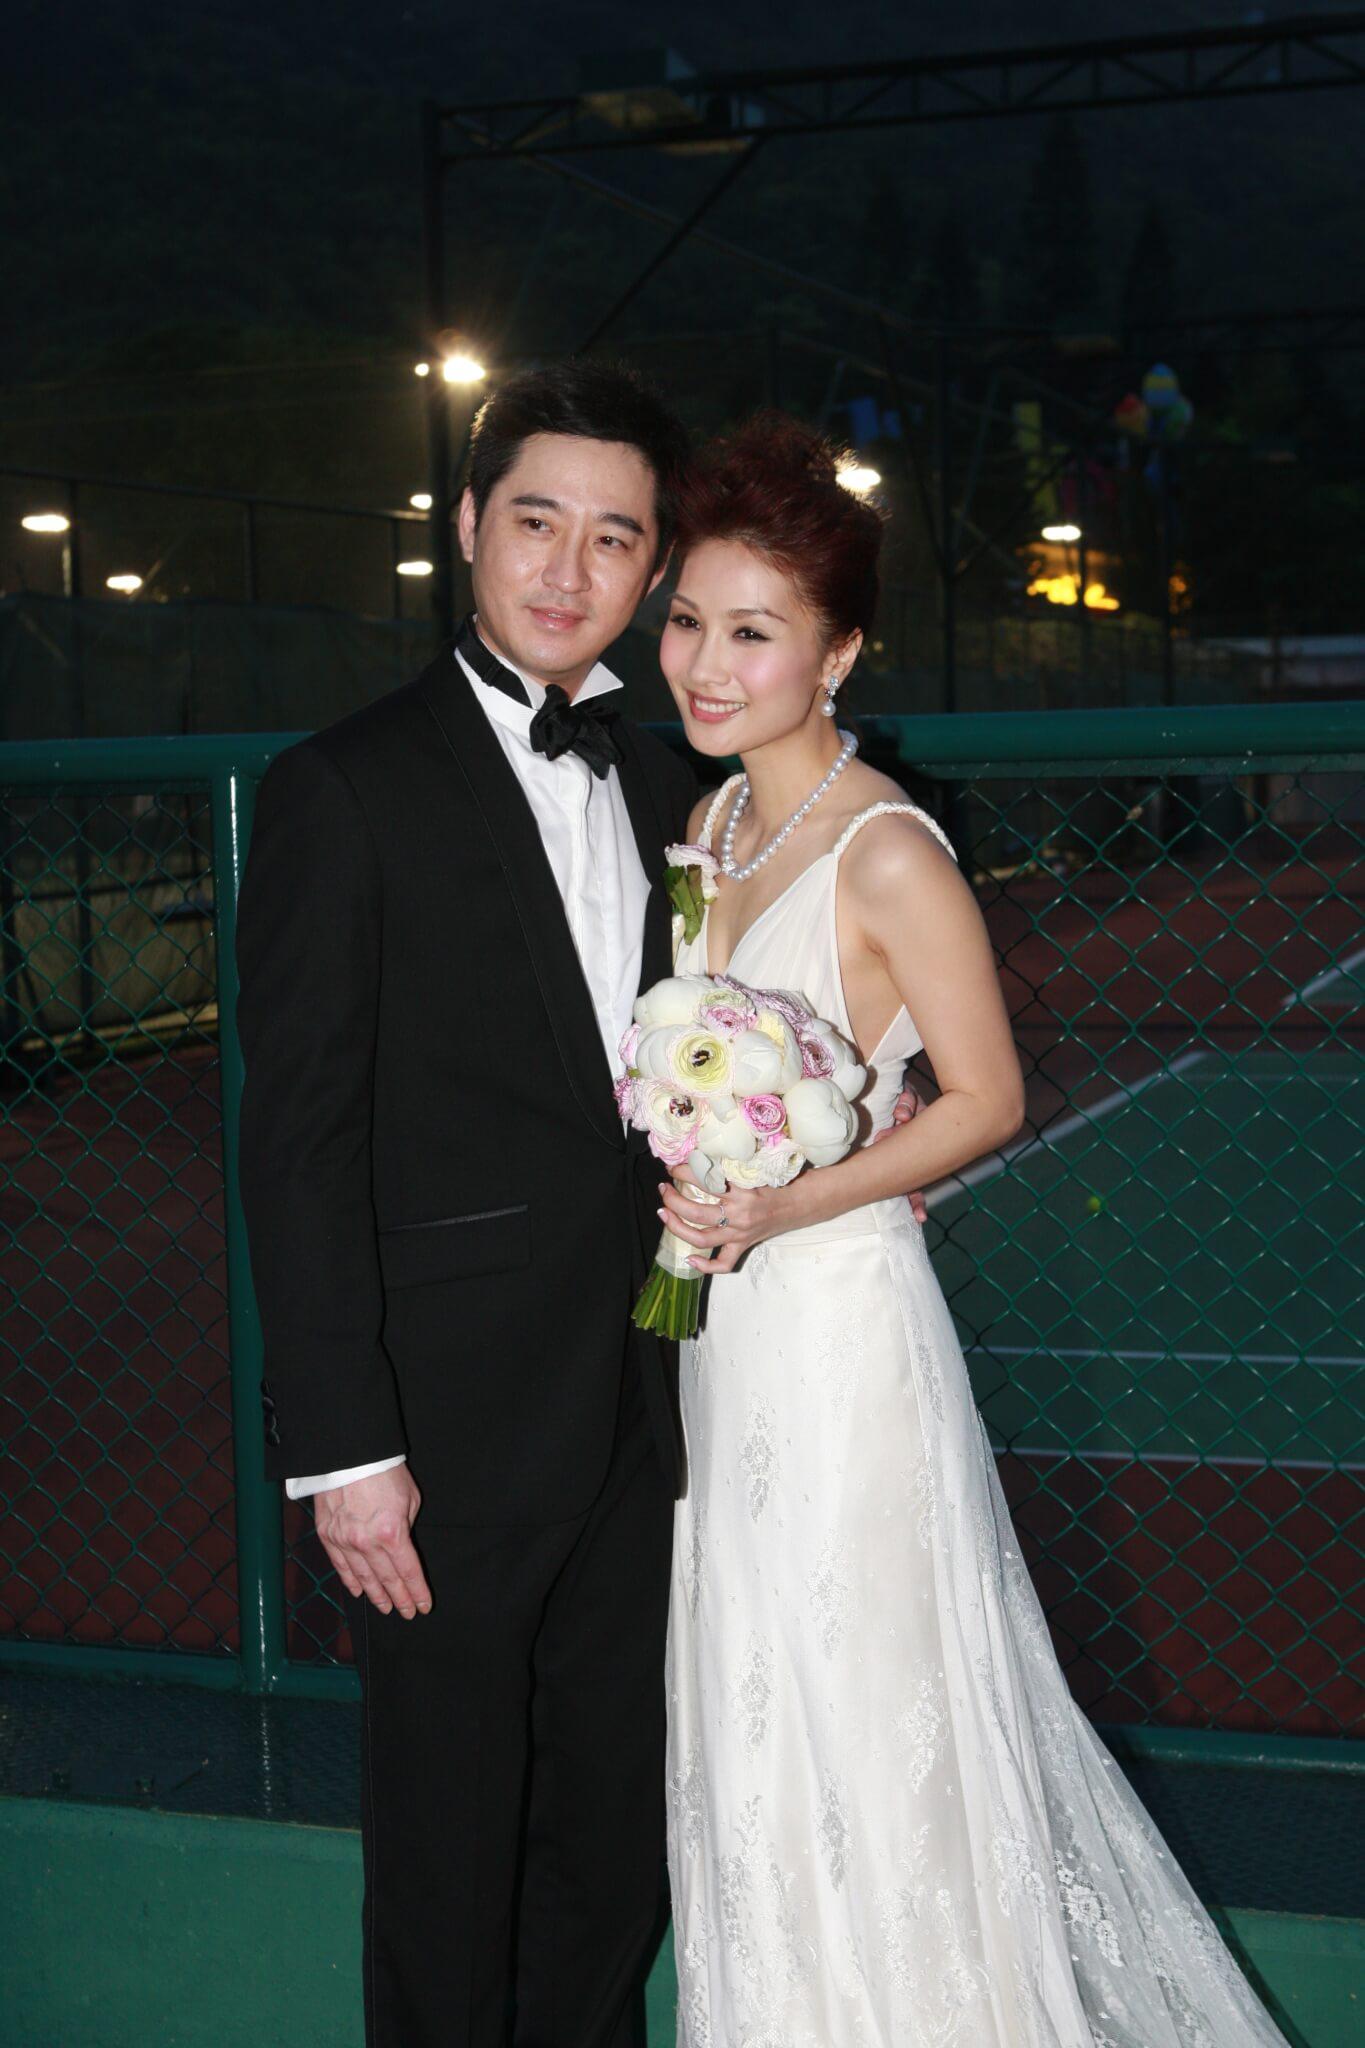 袁彩雲於2009年3月28日,嫁予加拿大籍飲食業華商Anthony Kong,並於6月移民加拿大。